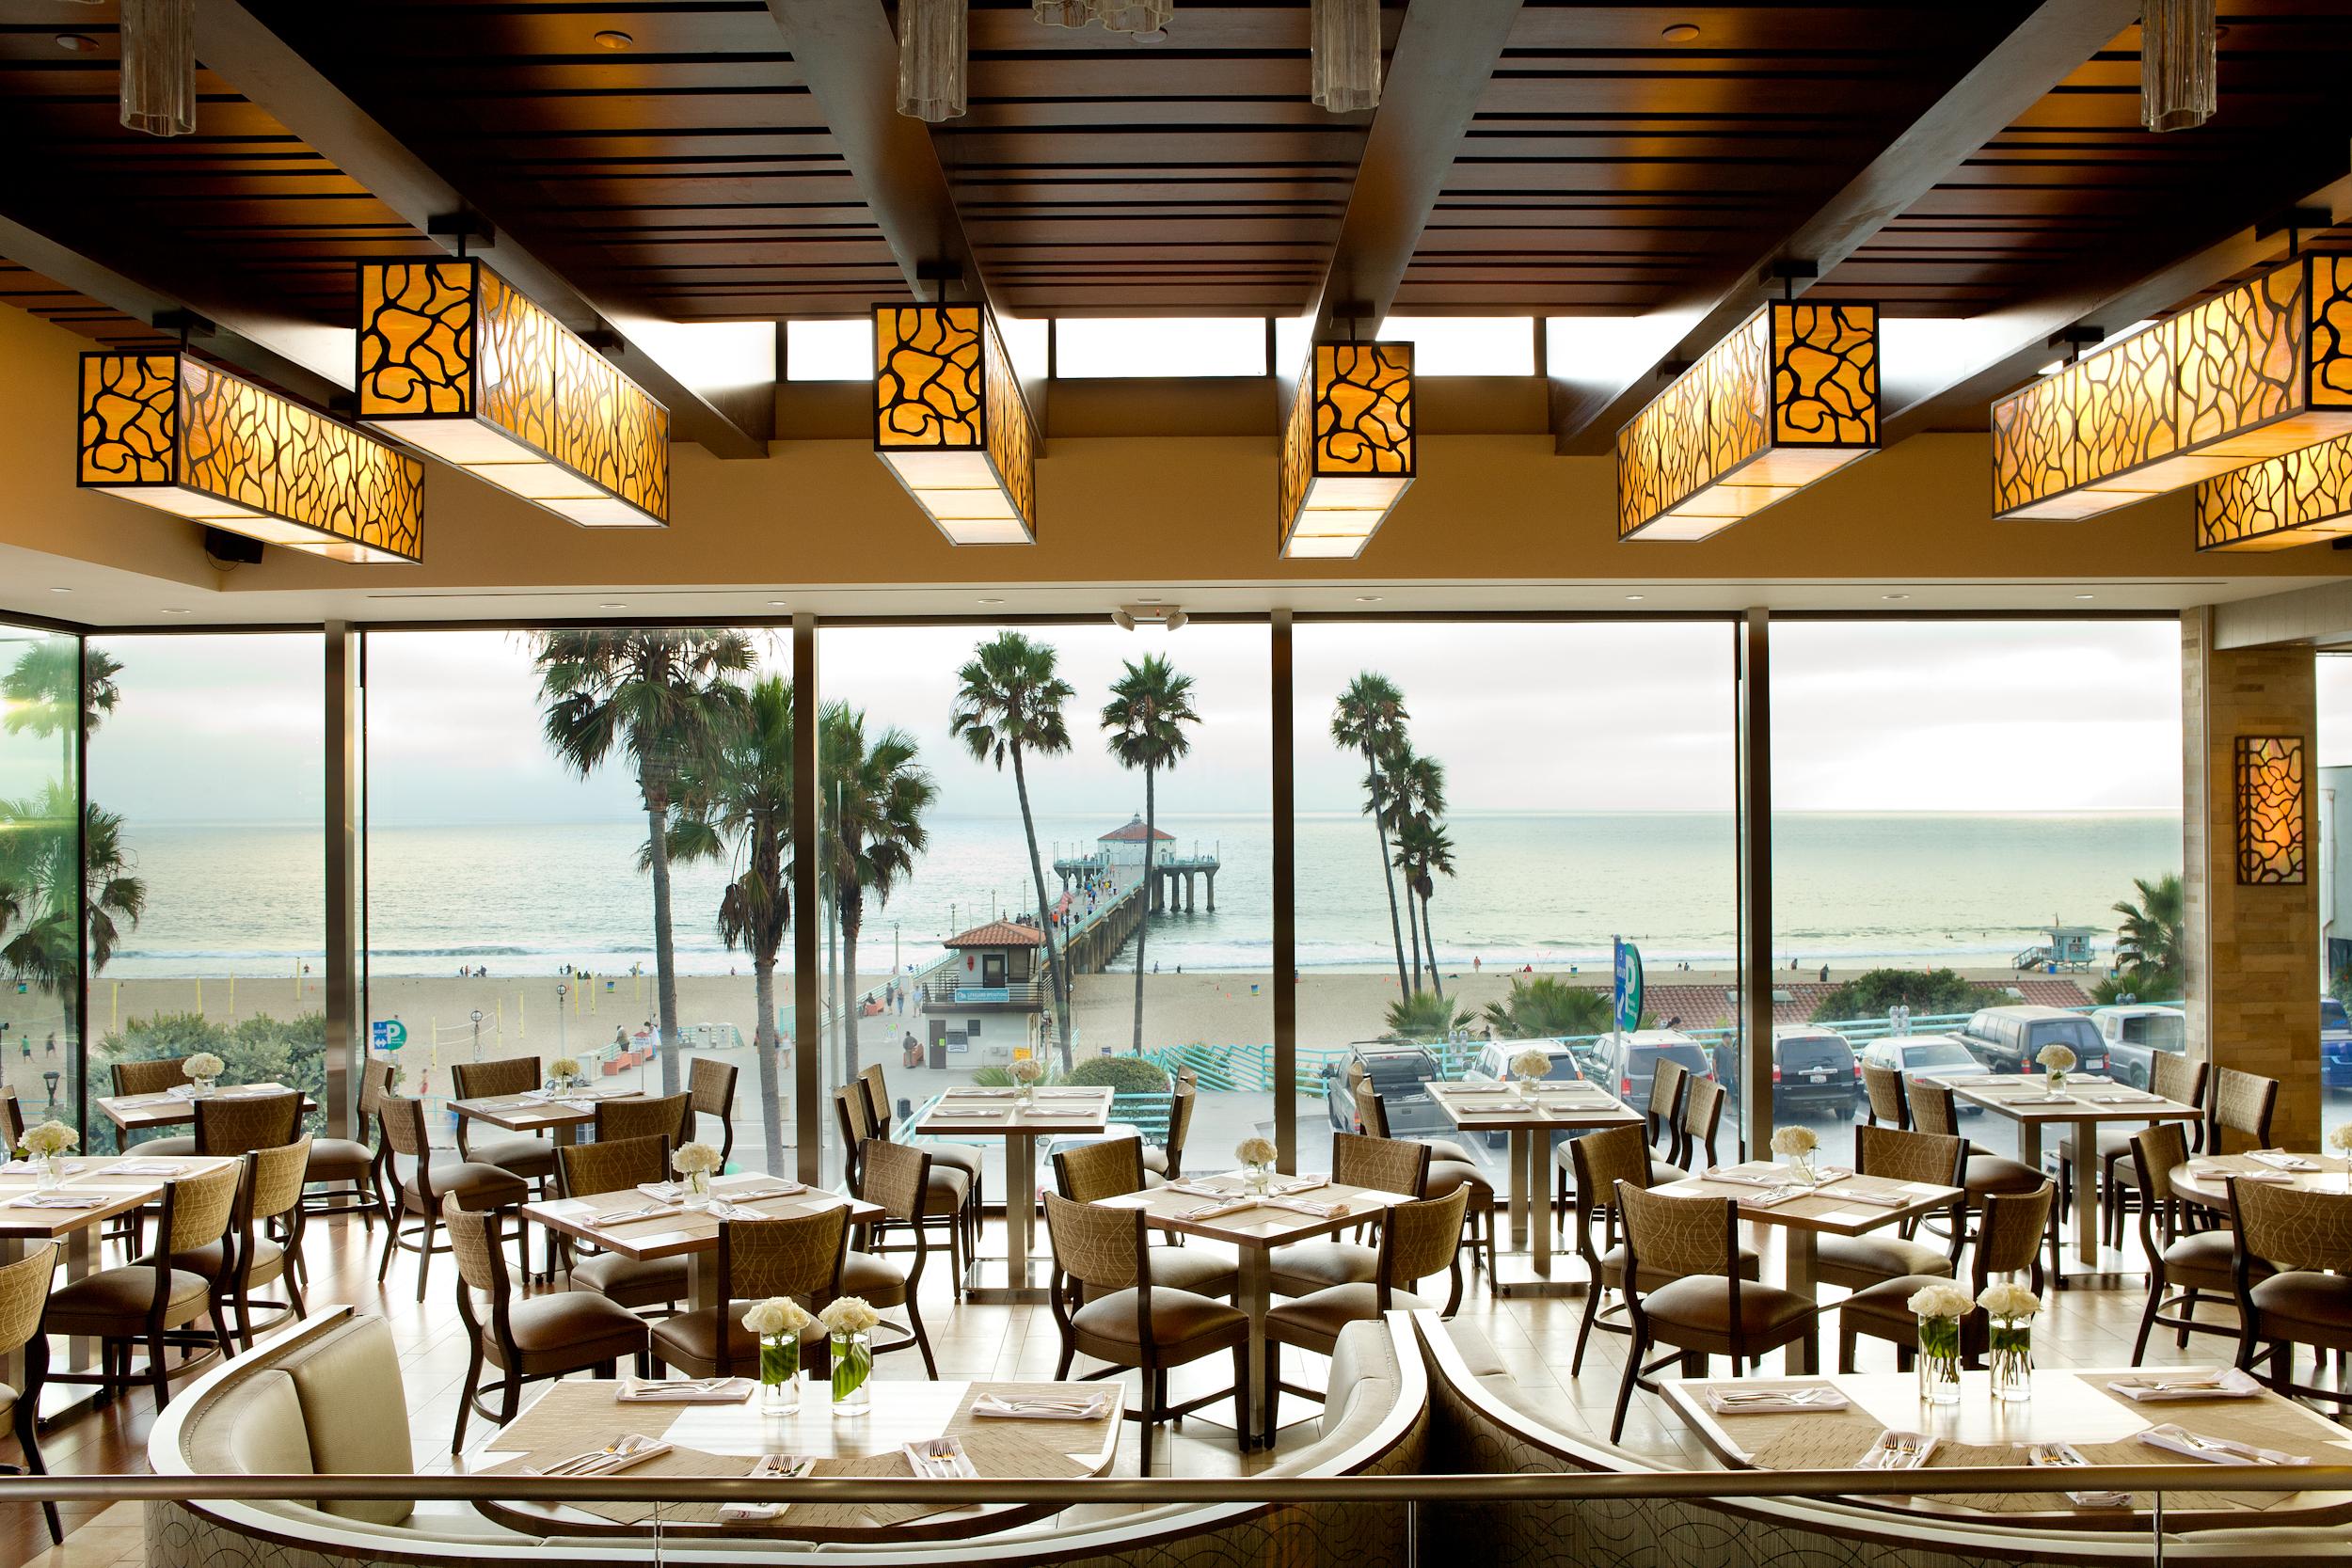 Good Restaurants In La Best